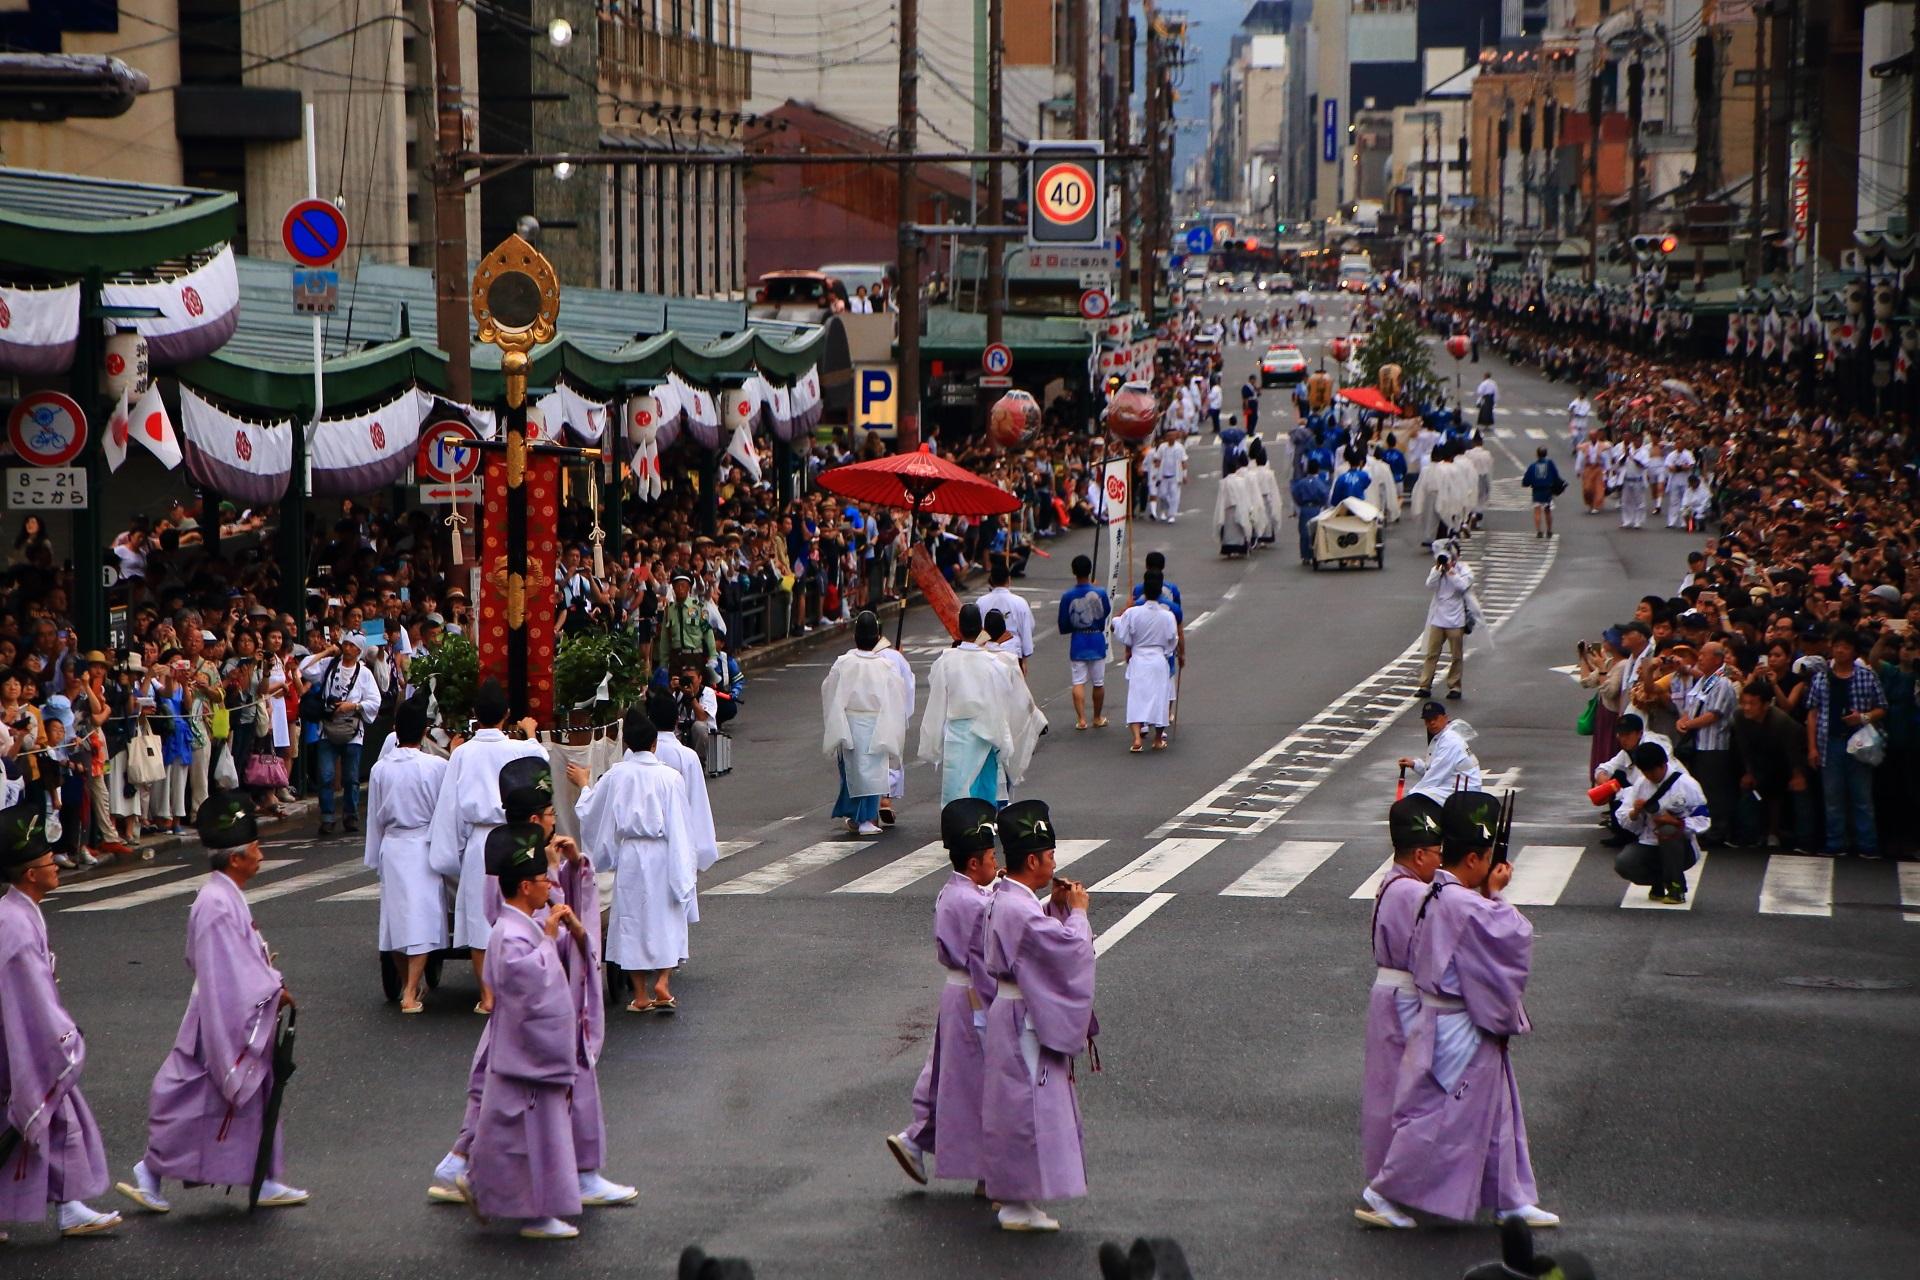 四条通を西へ進む神幸祭の行列